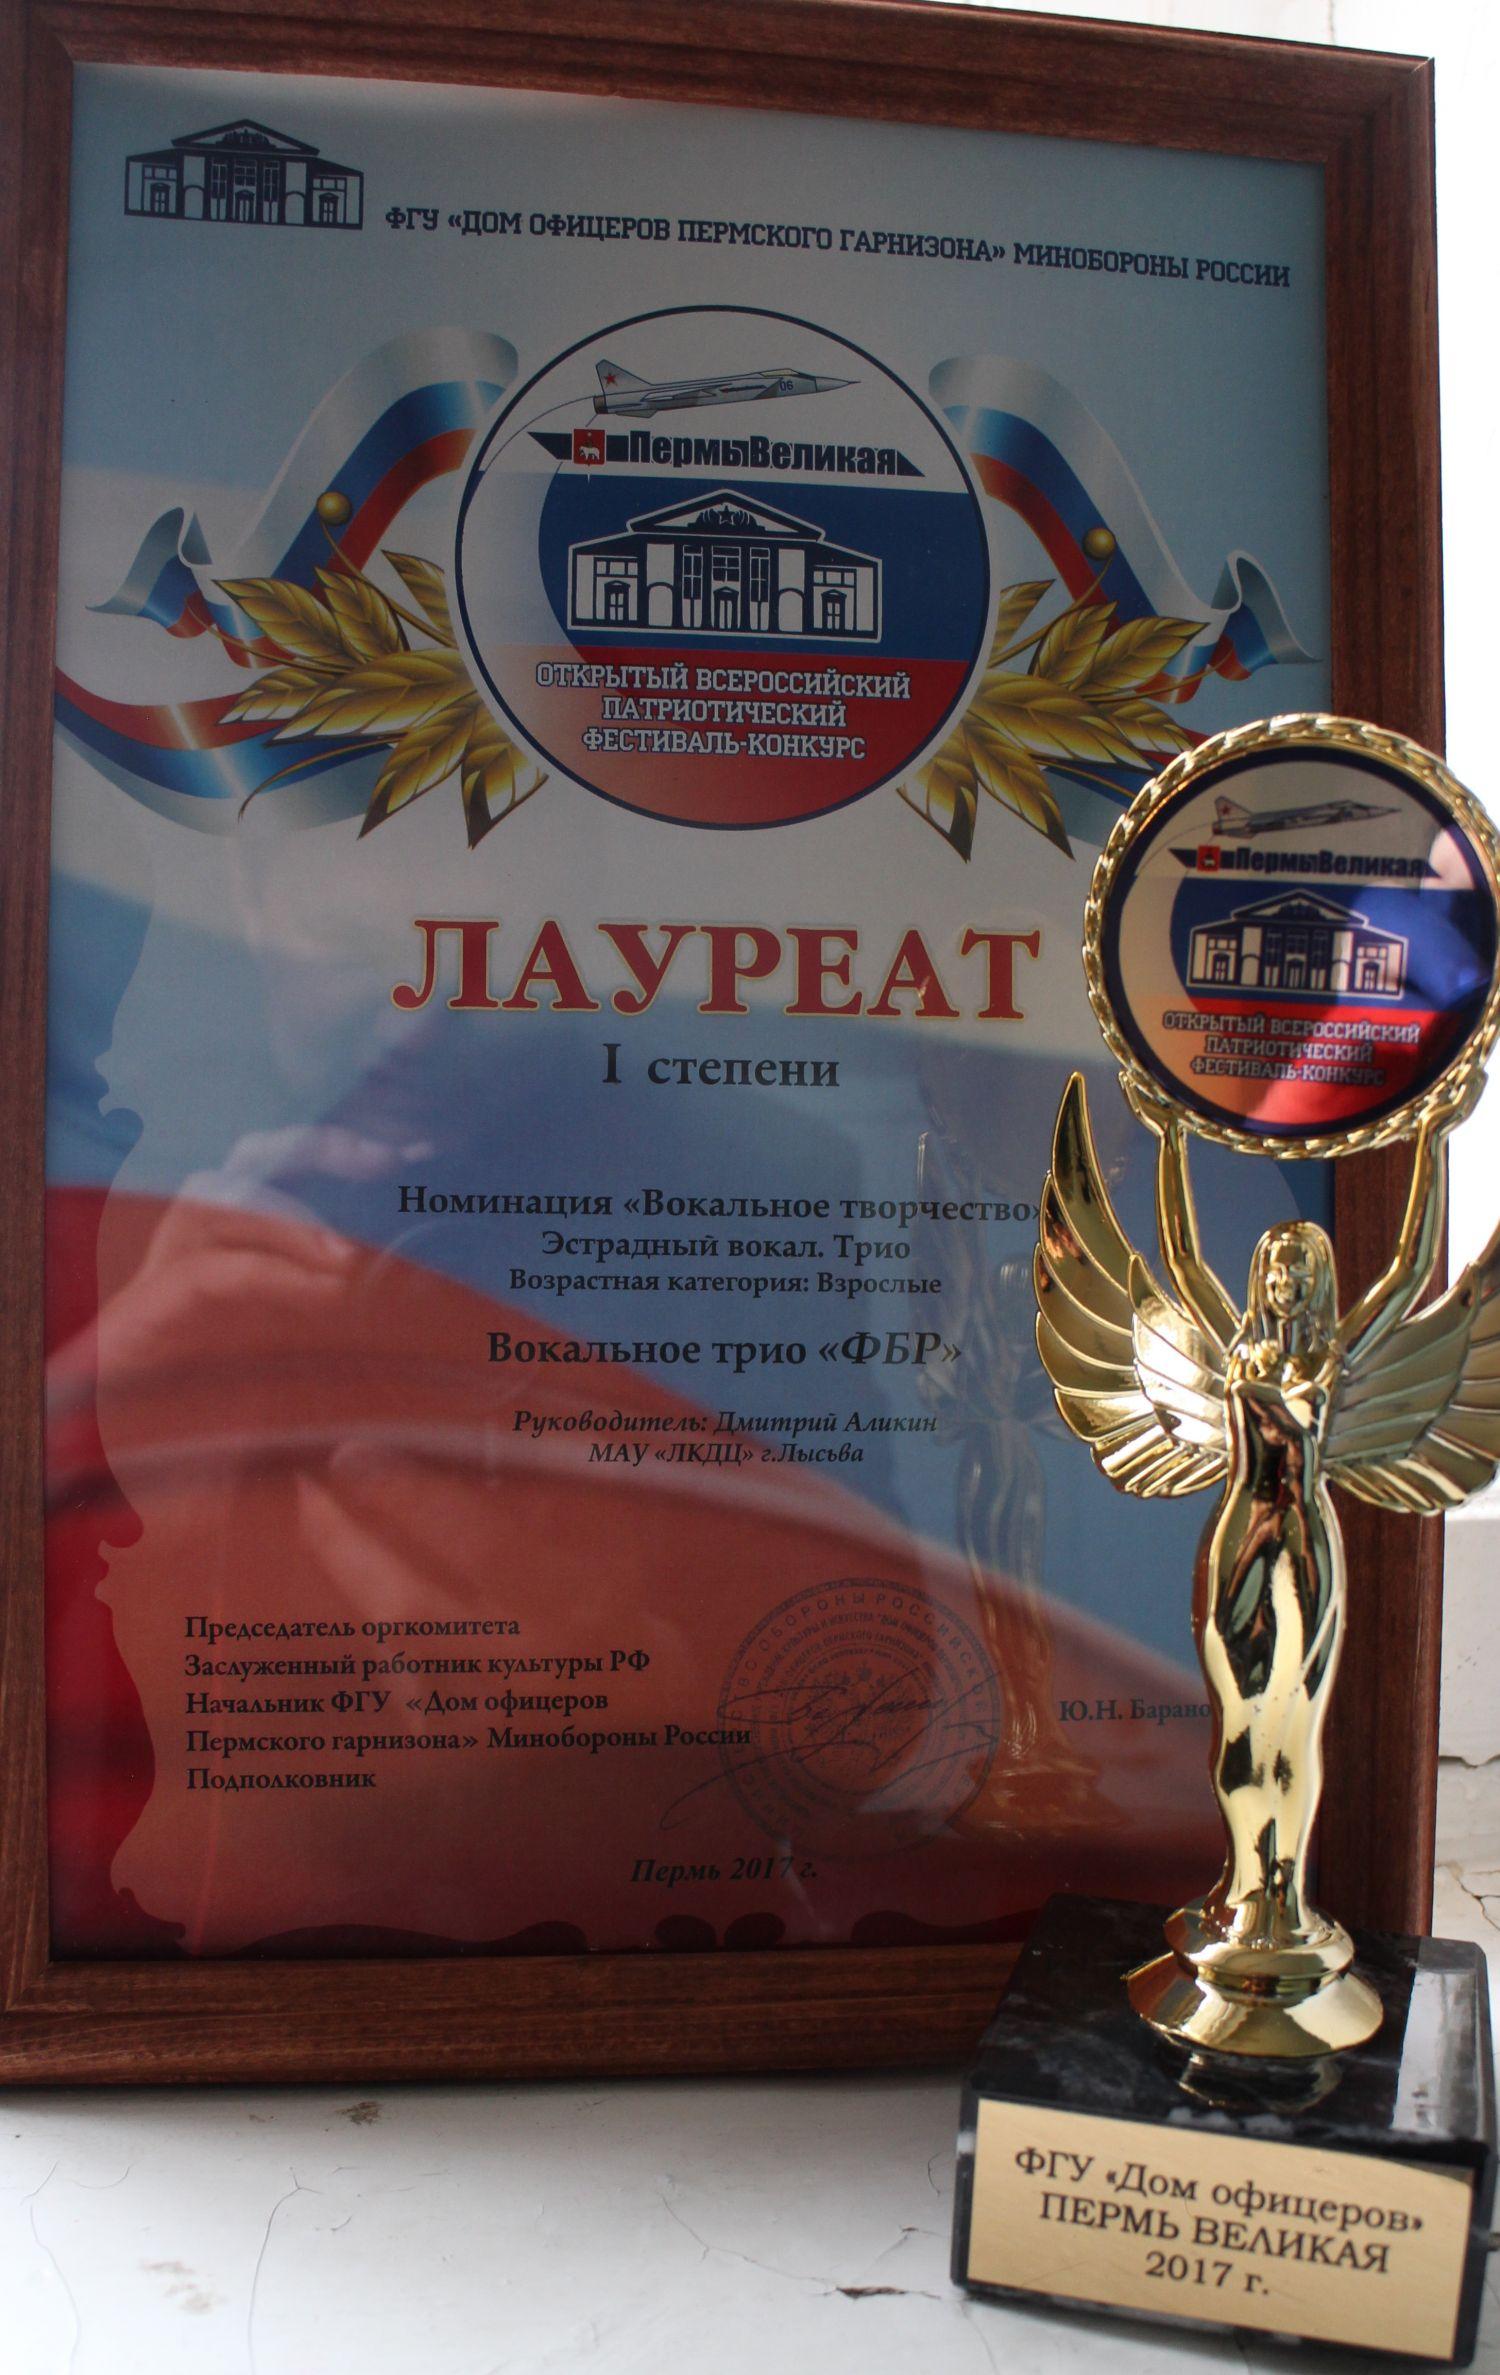 Всероссийский конкурс в перми